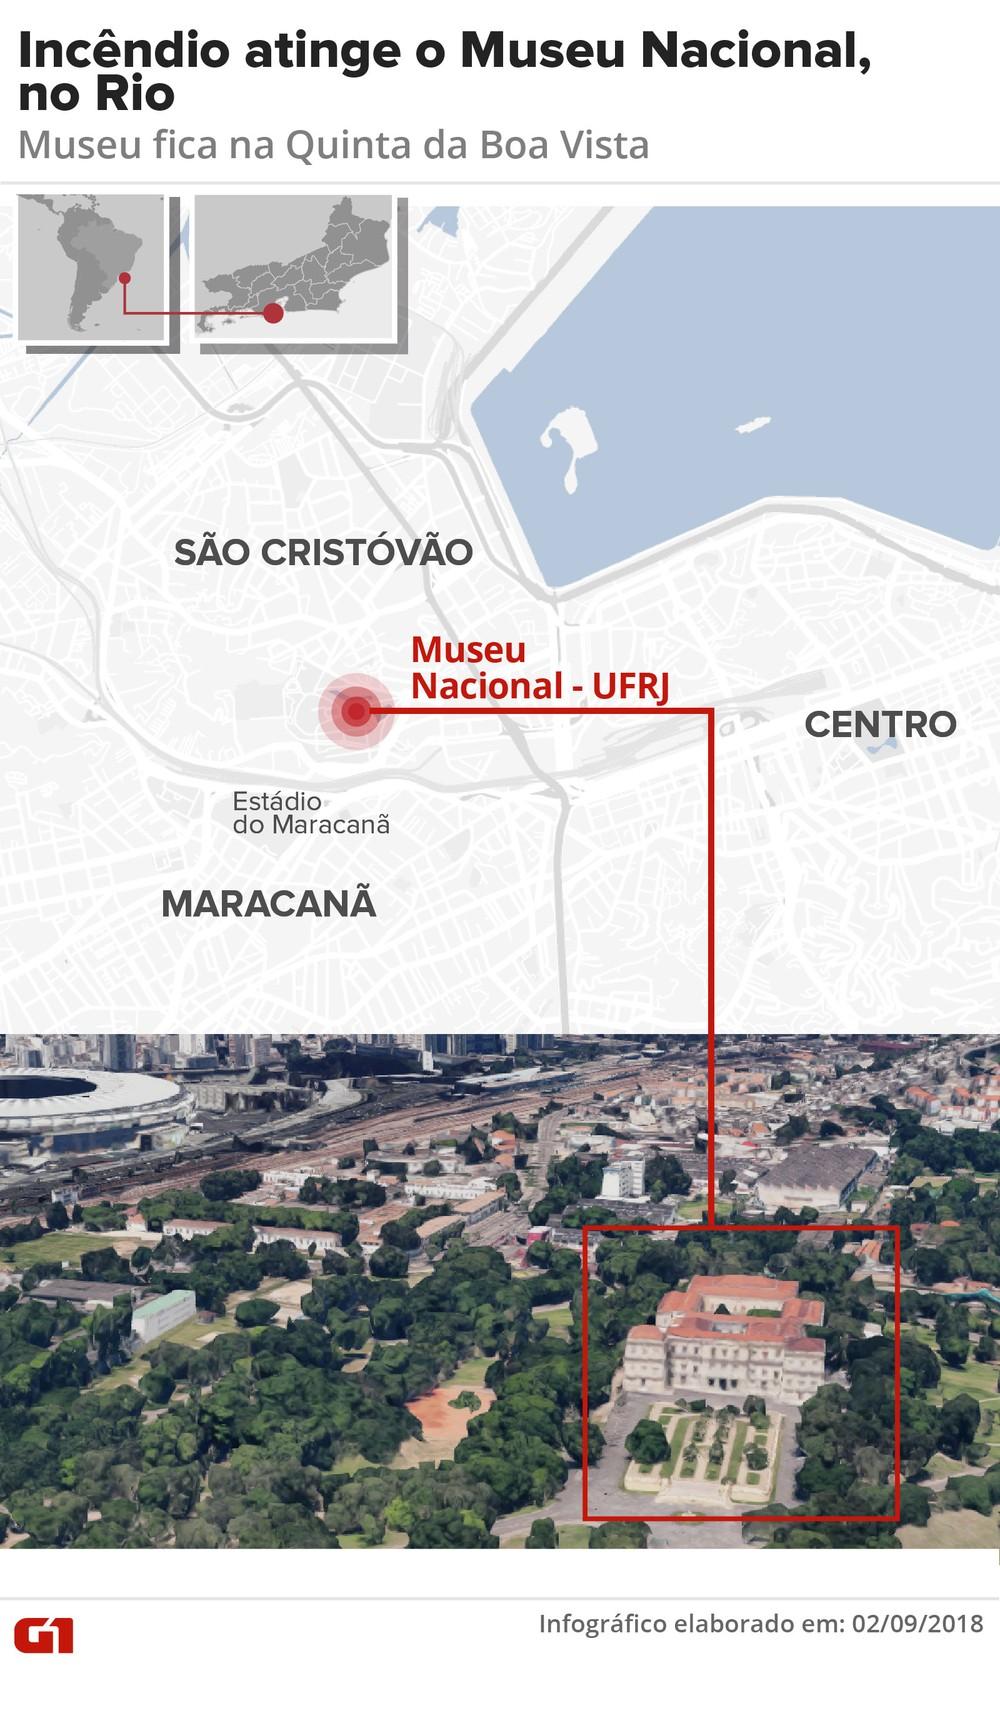 incendio-museu-nacional-rio